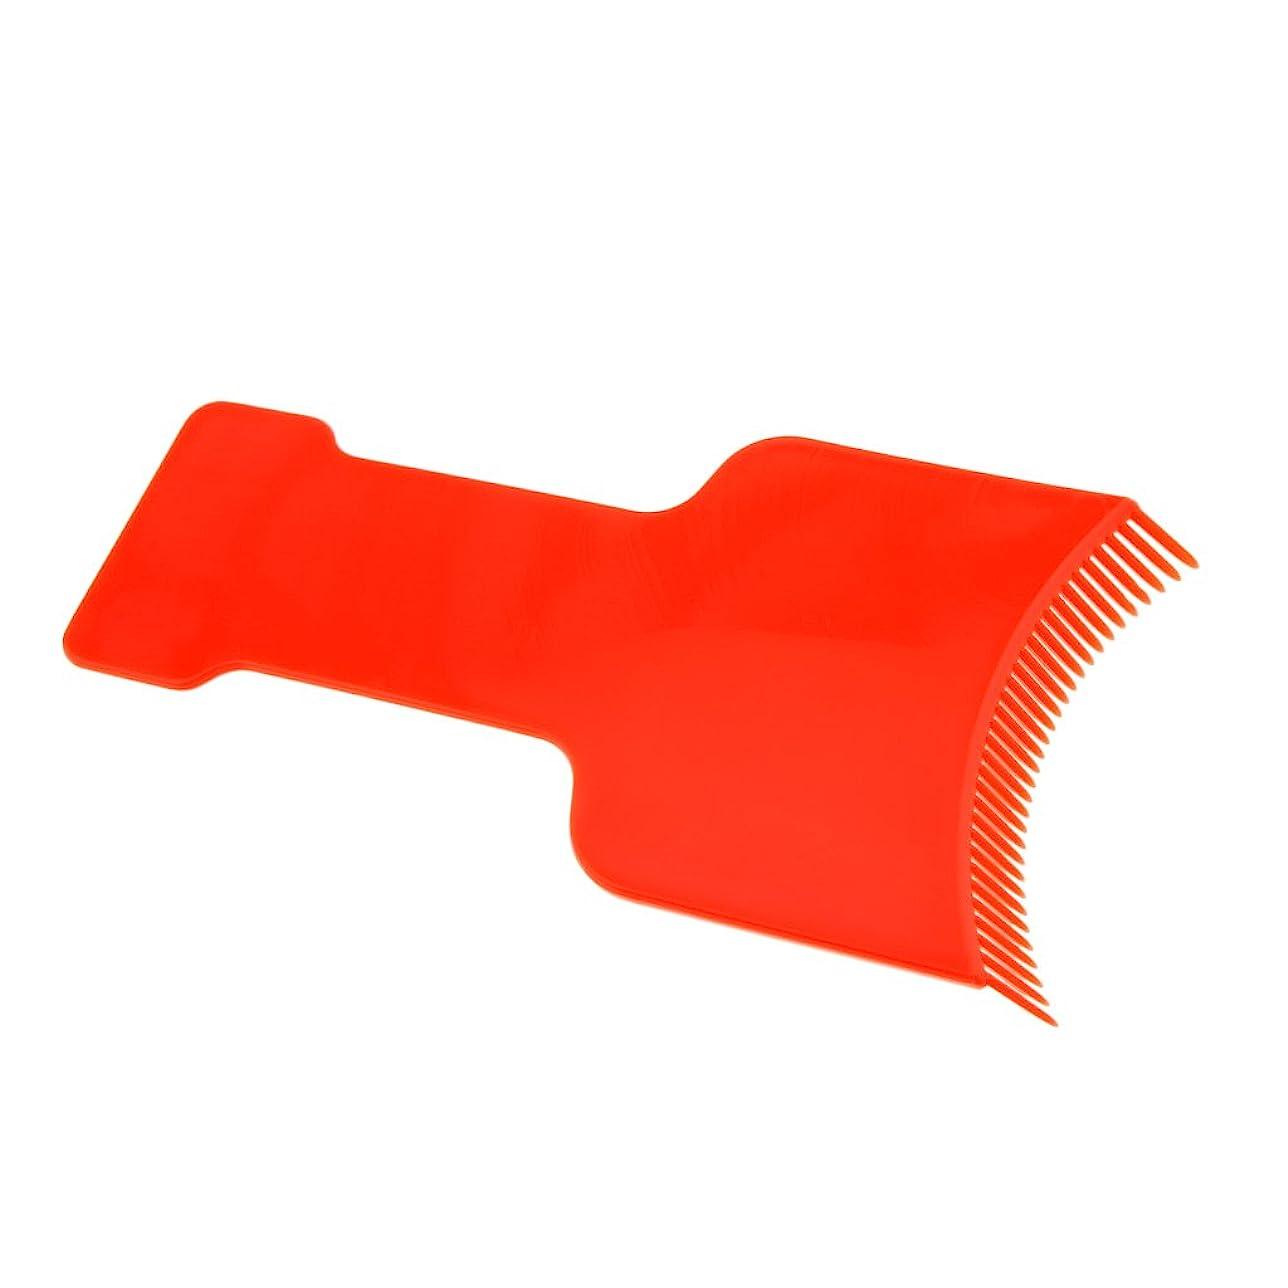 ひばり水差し願うヘアカラーボード サロン ヘアカラー ボード ヘアカラーティントプレート 理髪 美容院